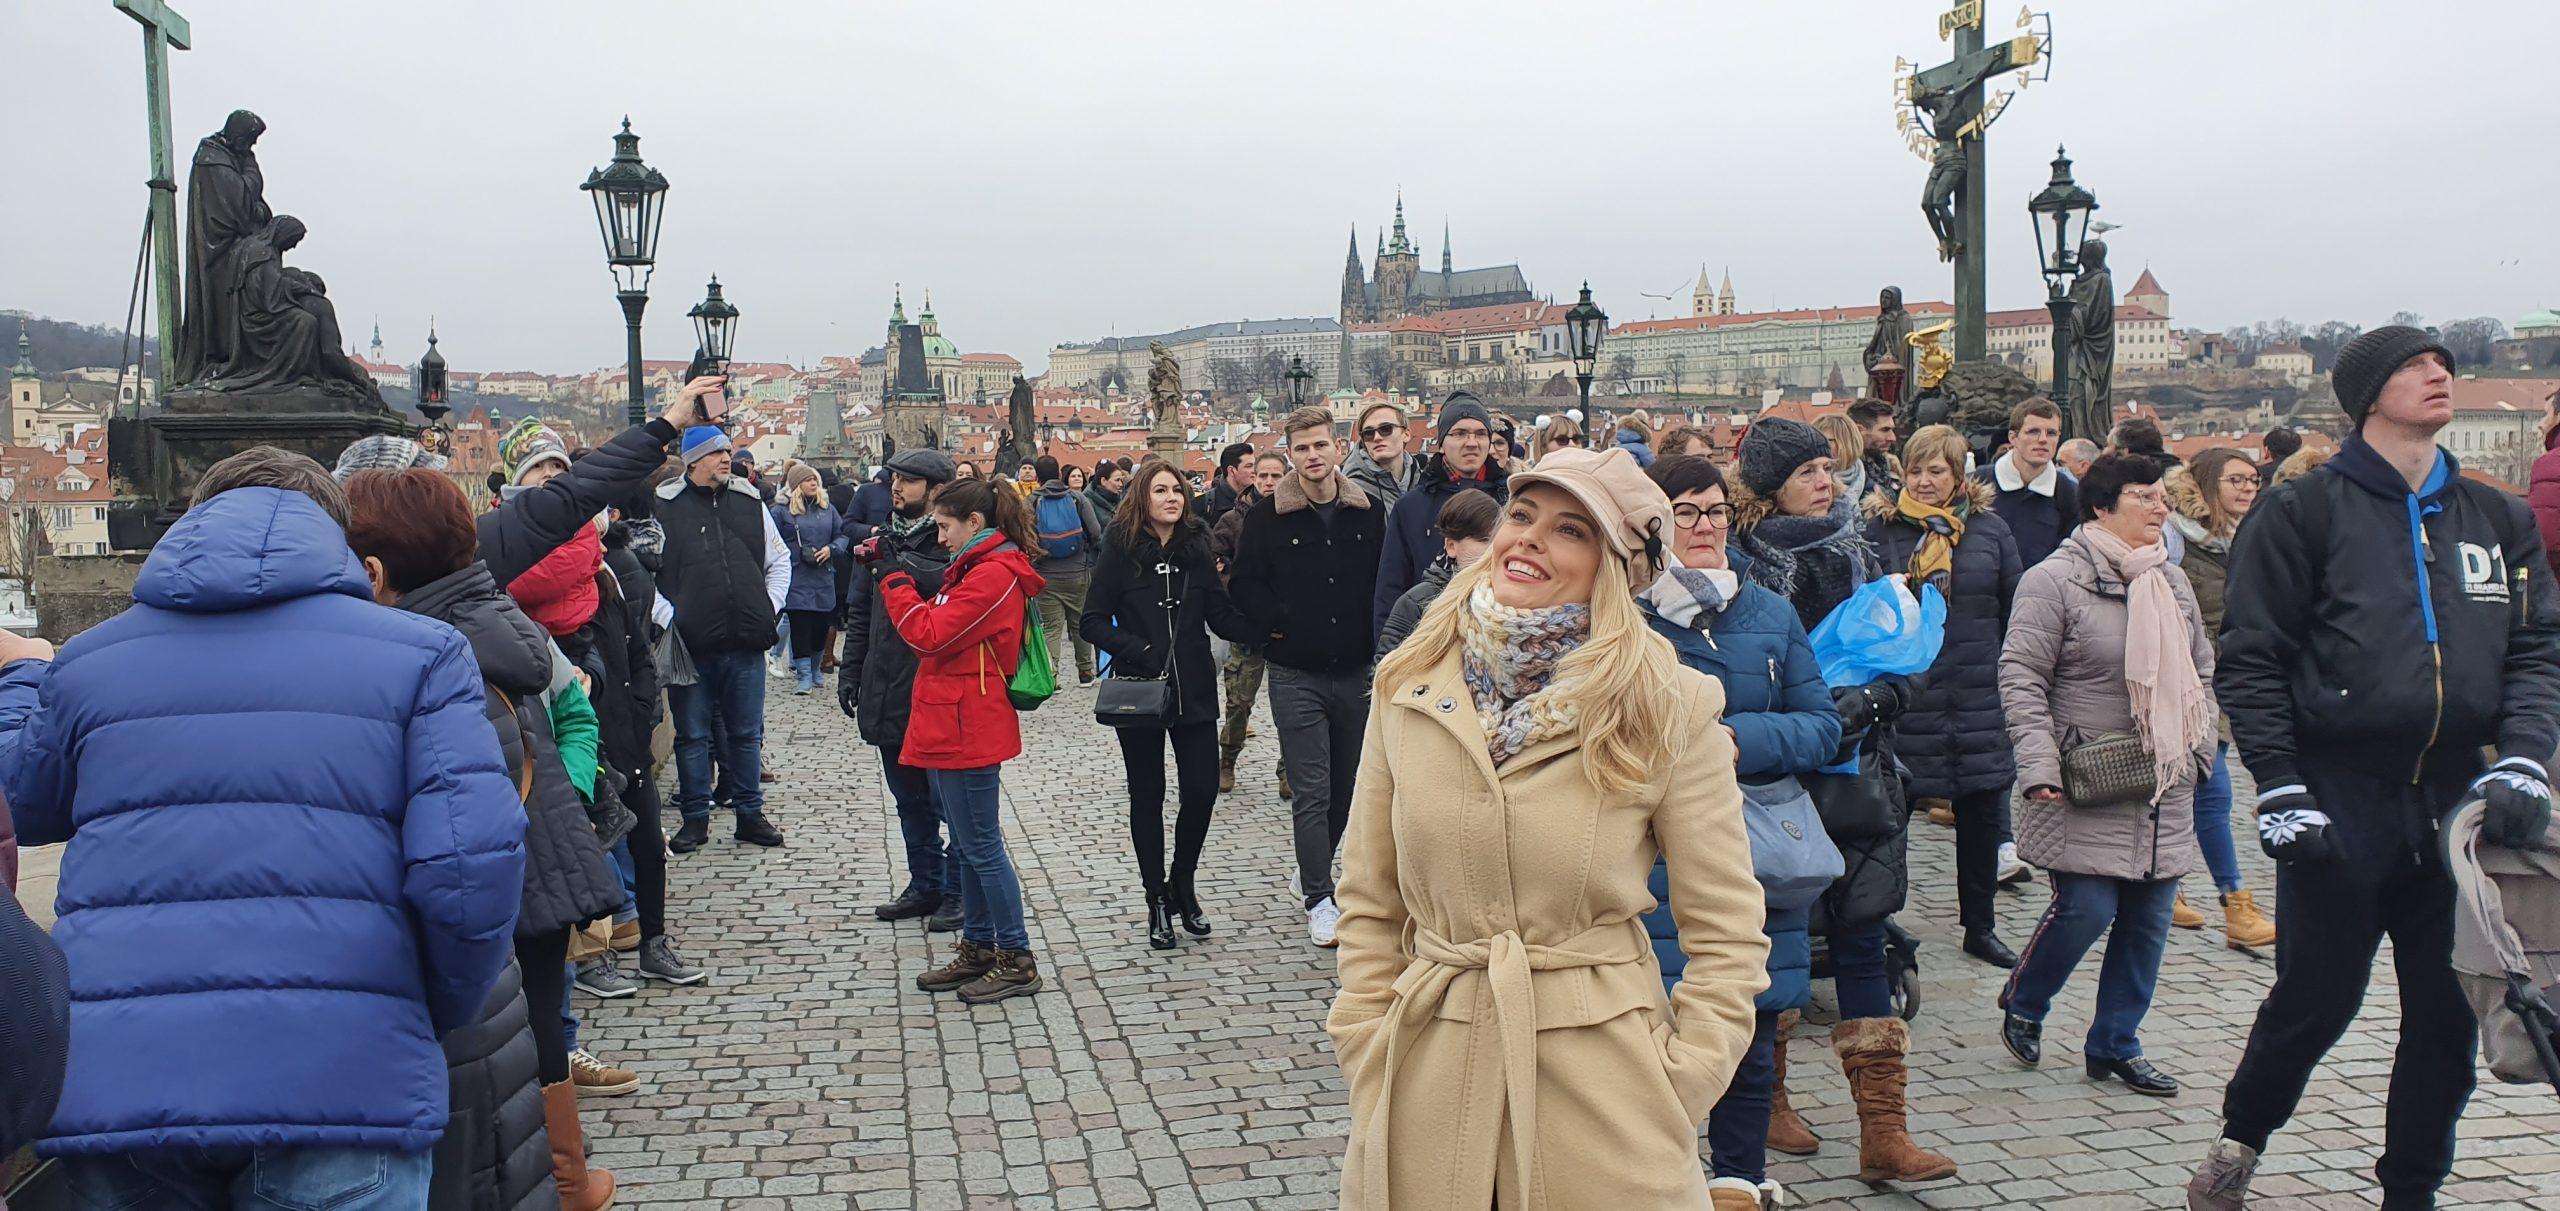 Зимна Прага – Карлов мост, Пражкият замък, красиви фасади и Страховската библиотека (втора част)